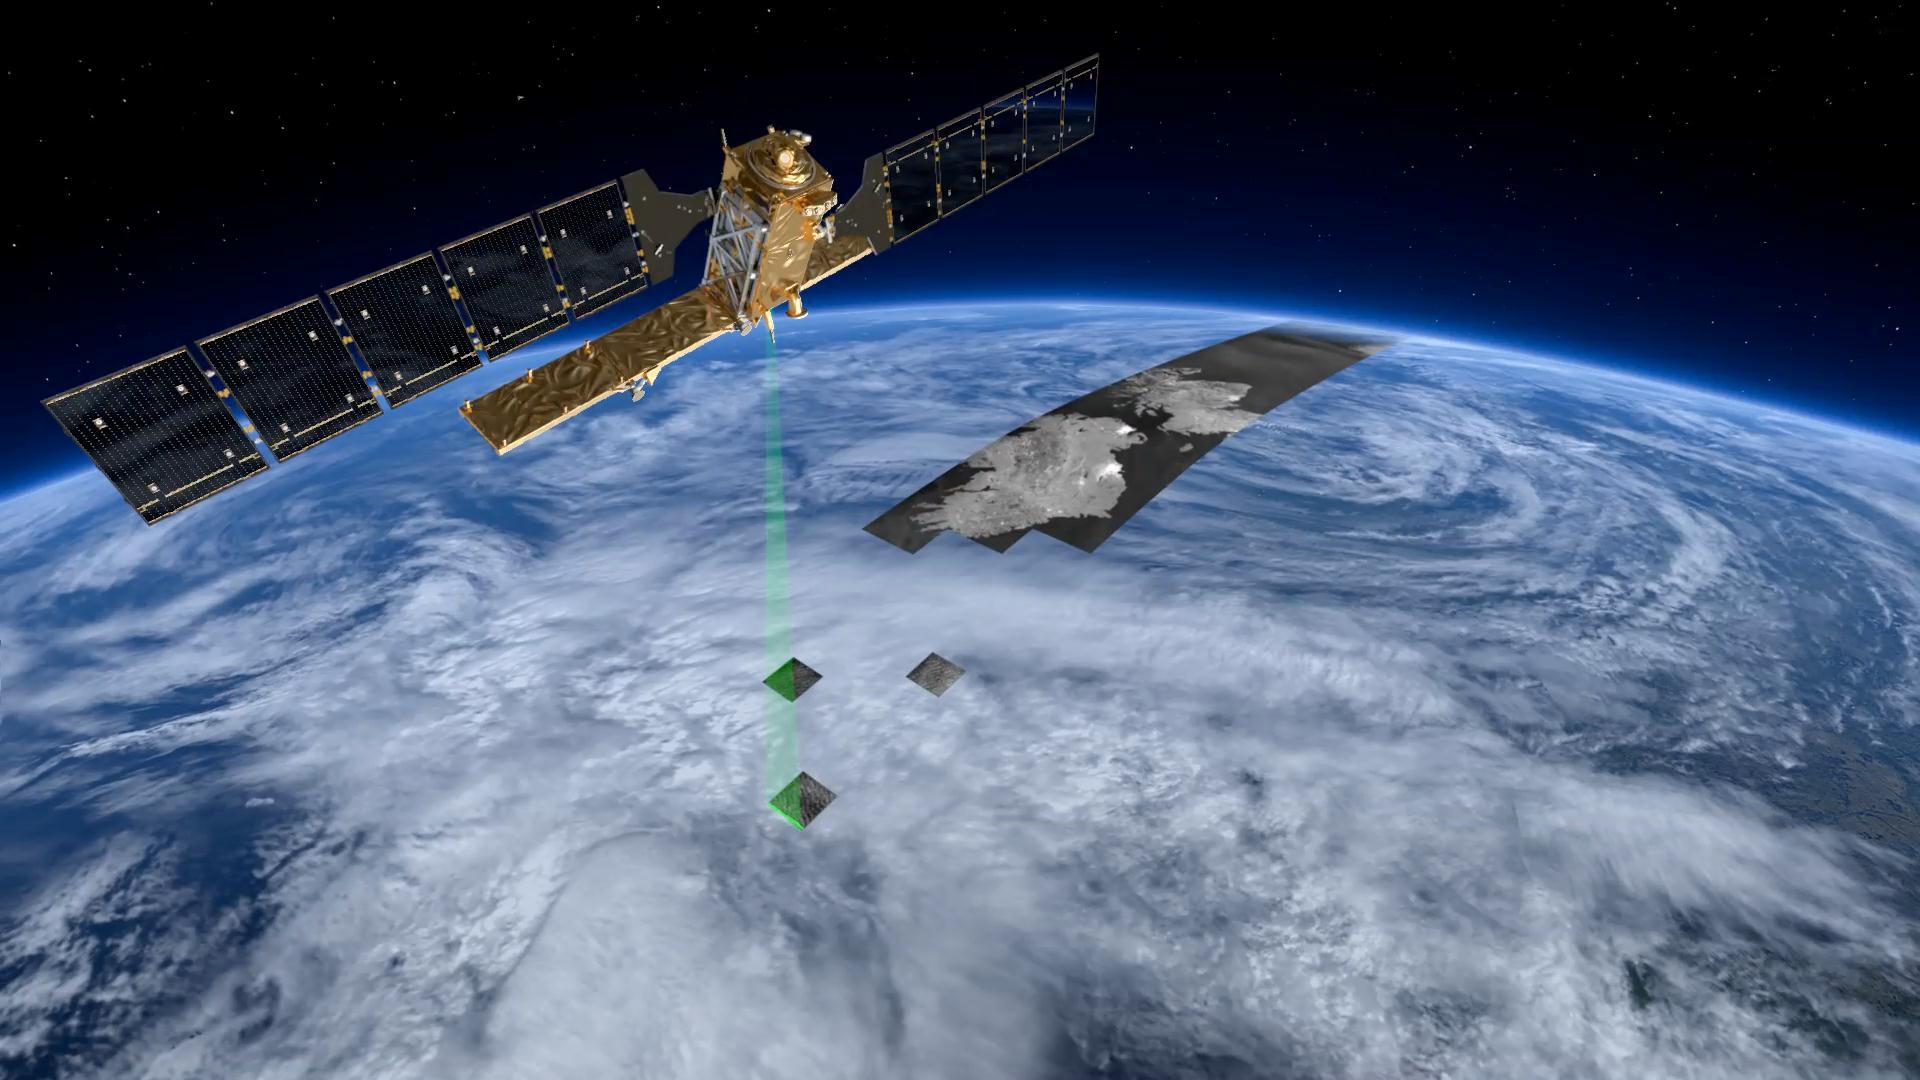 Aerospazio: soddisfatti per il lancio di Sentinel 1B, siamo pronti per ricevere i dati dal Centro Spaziale di Matera